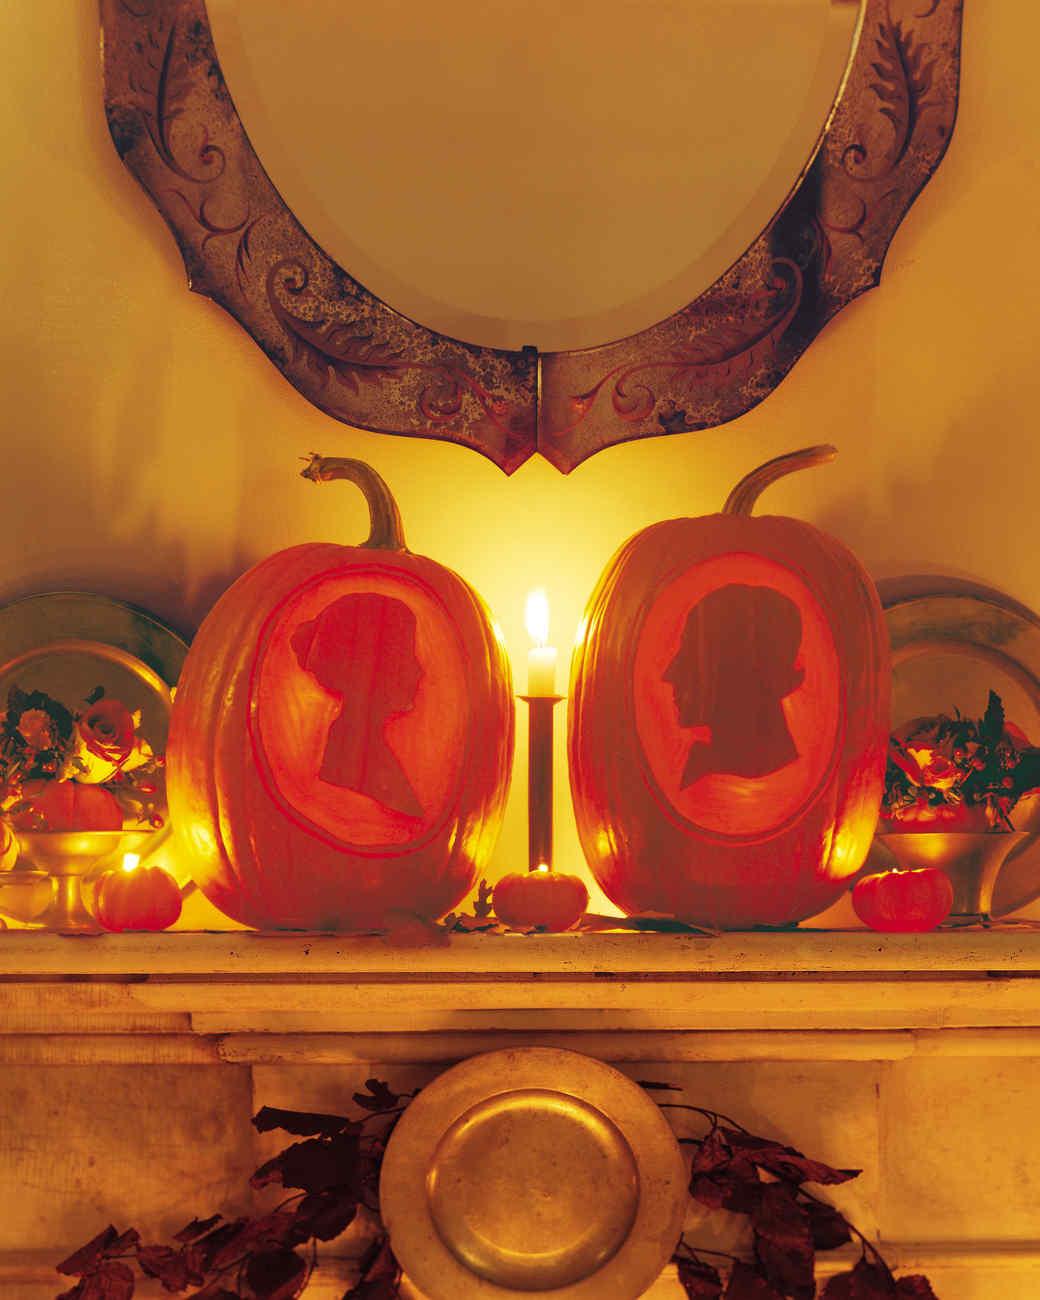 silhouette-pumpkins-1010sip8106.jpg